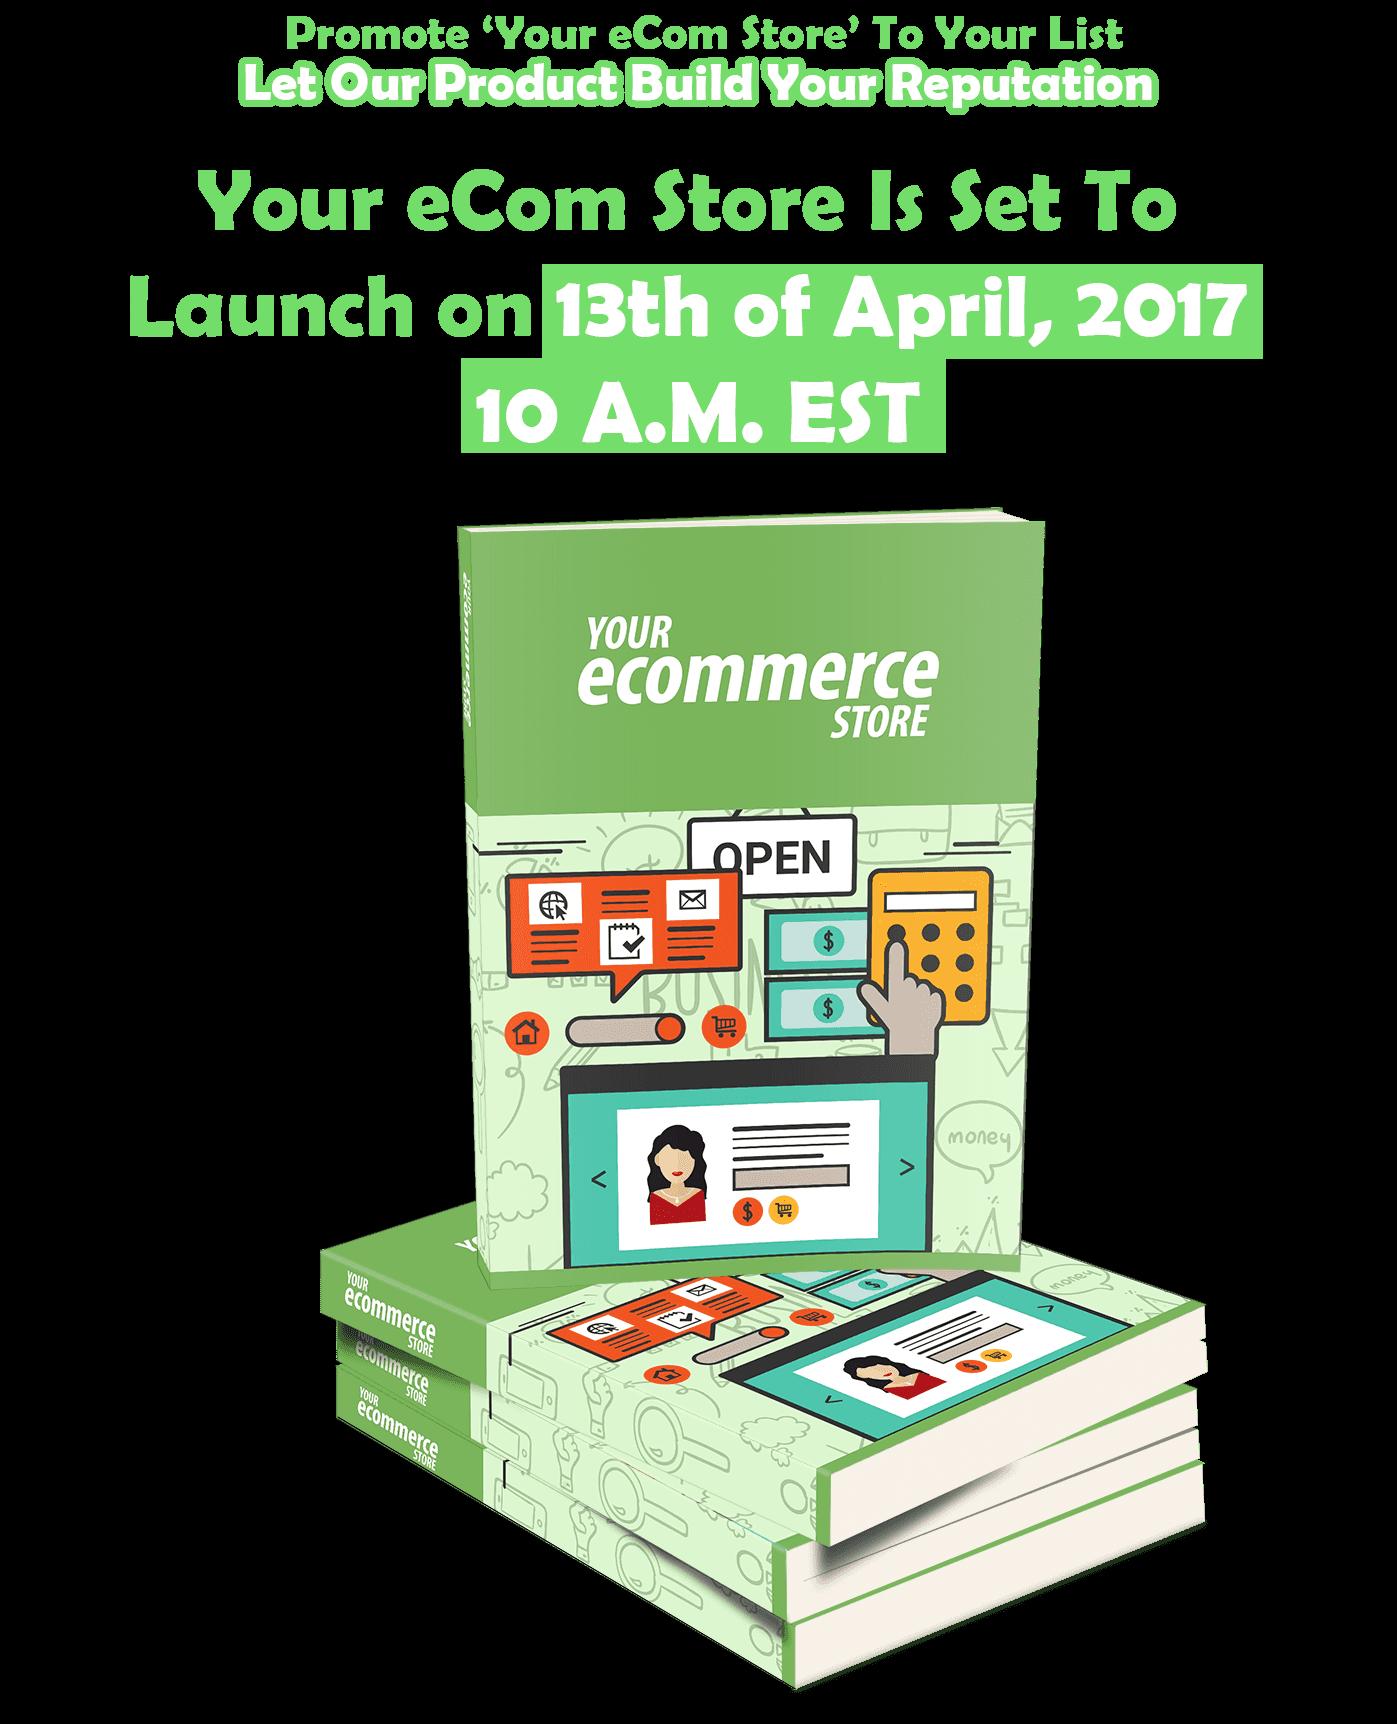 电子商务是您开始网上赚钱的最佳途径(Your eCommerce Store)